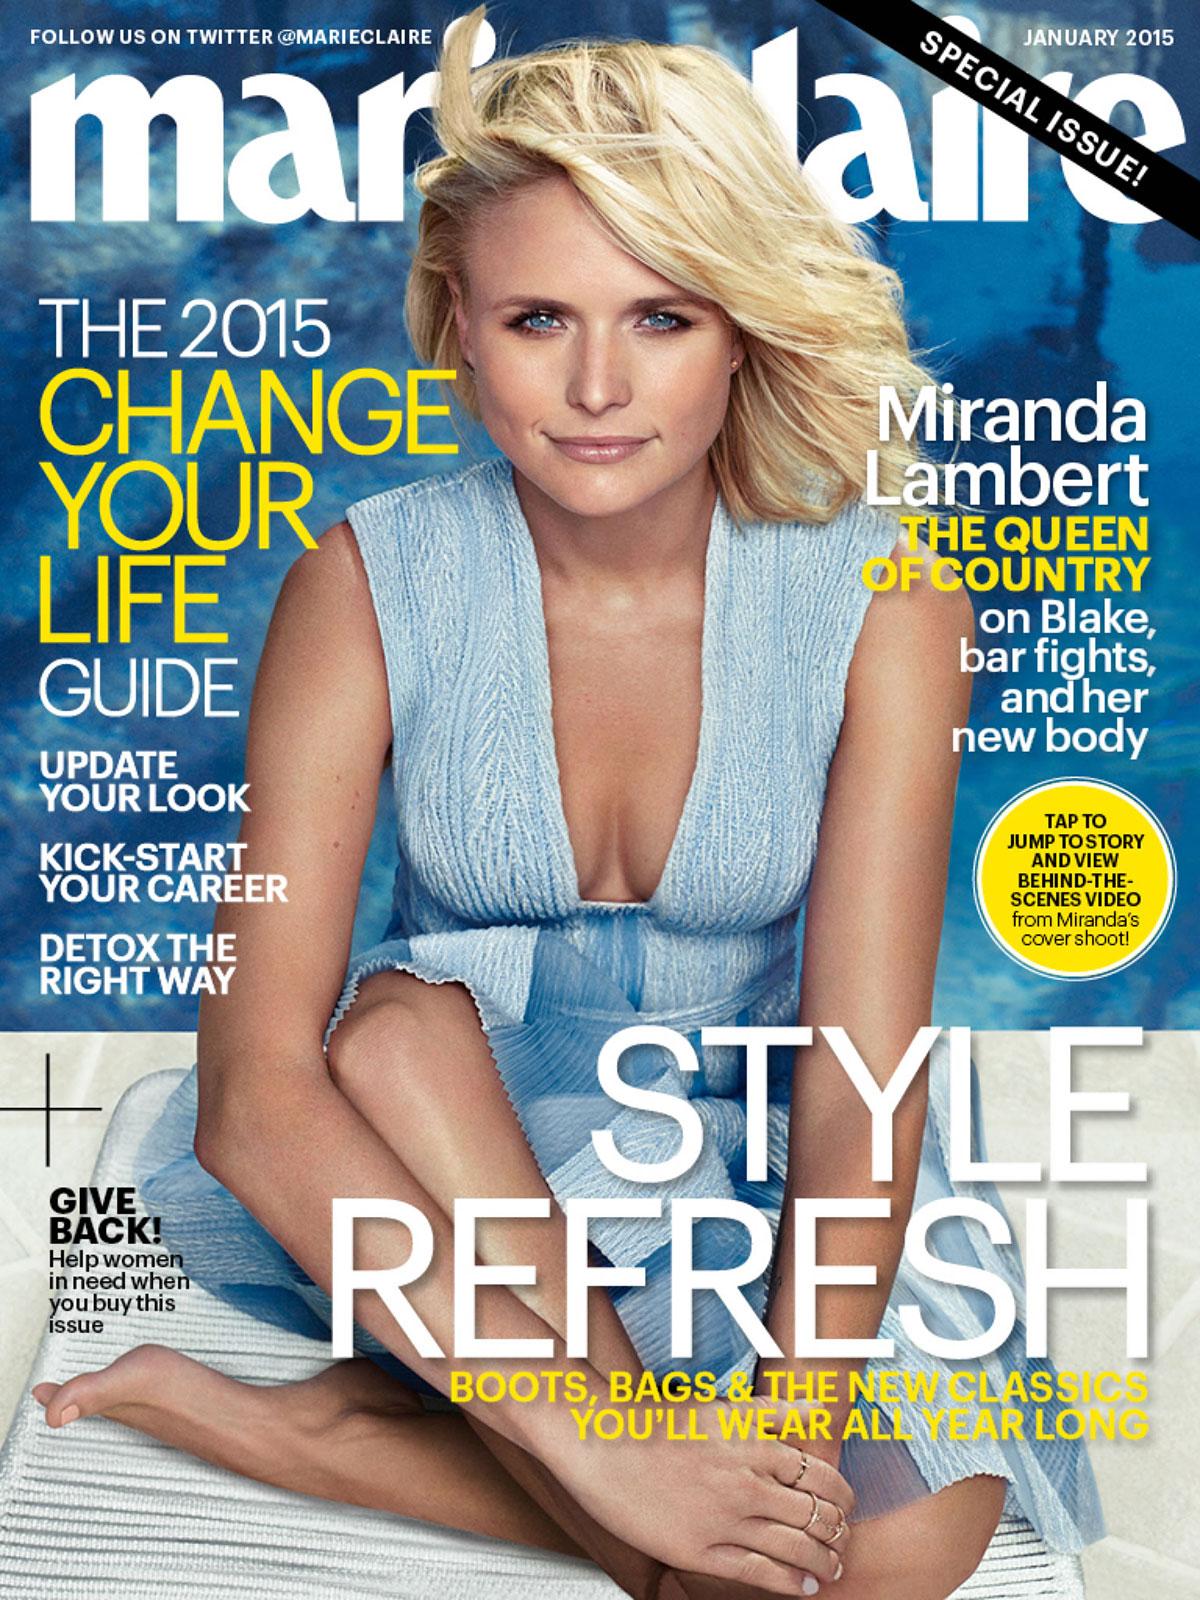 miranda lambert in marie claire magazine january 2015 issue